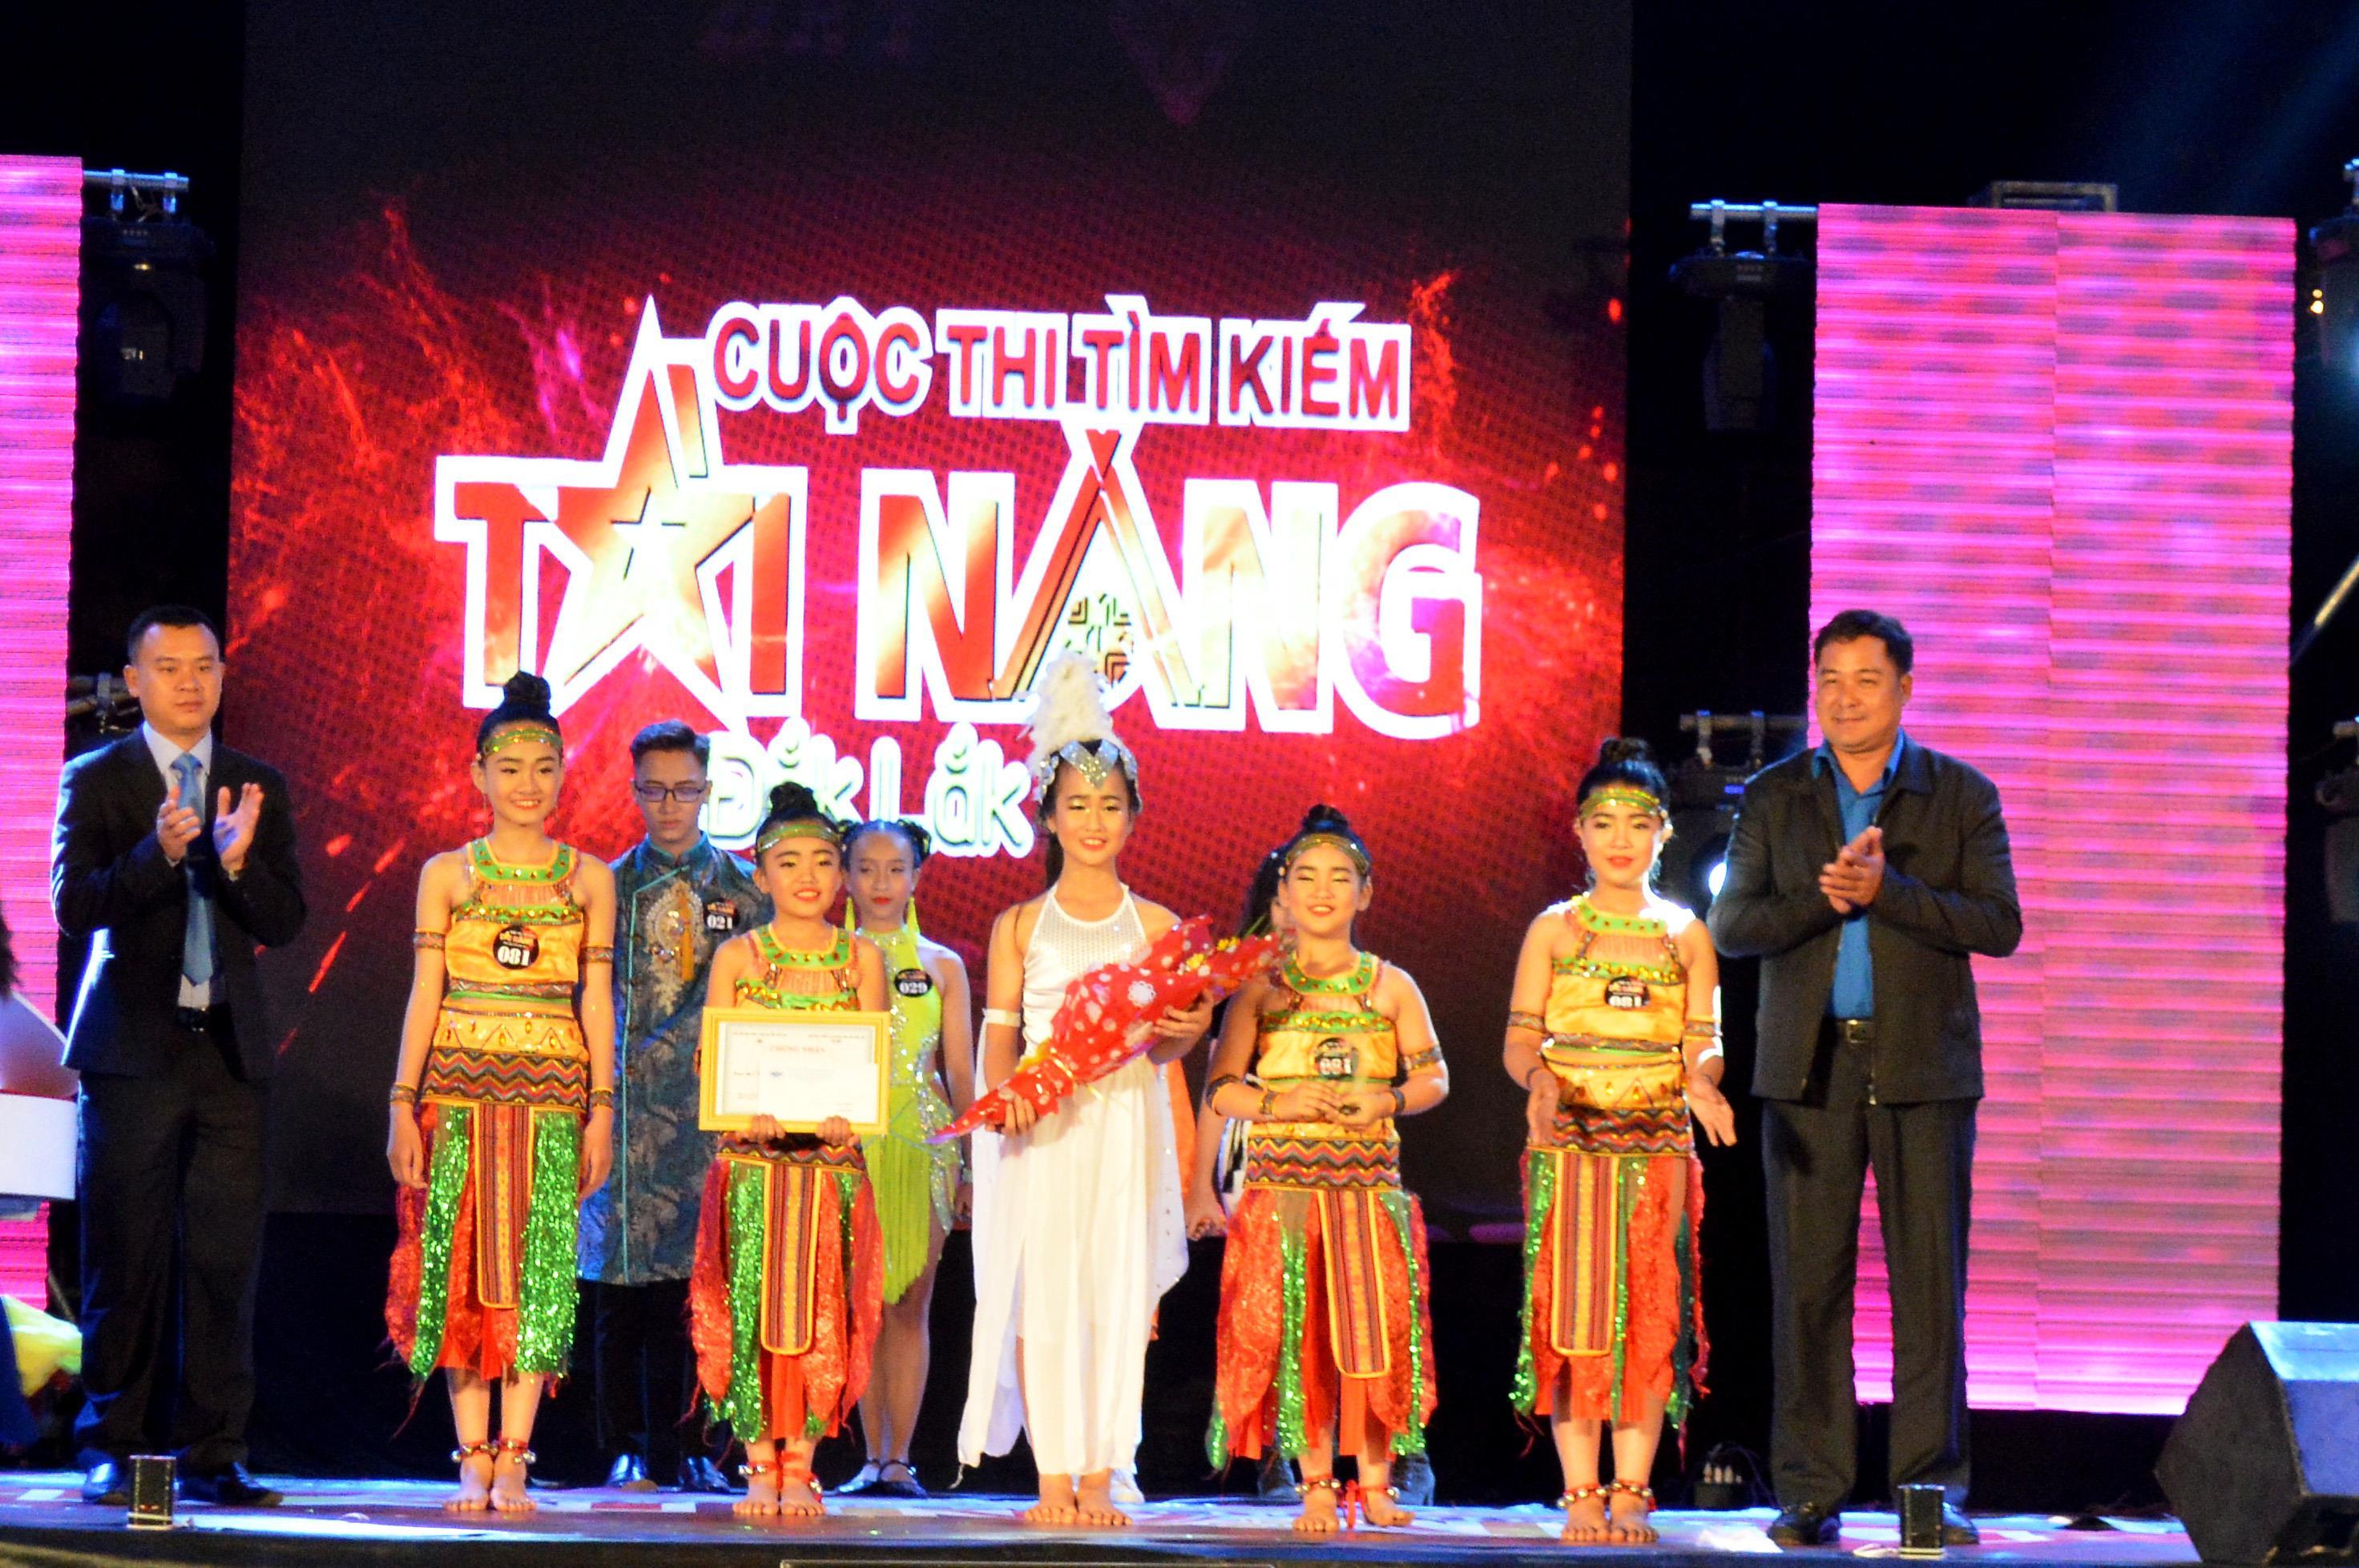 Chung kết cuộc thi Tìm kiếm tài năng tỉnh Đắk Lắk